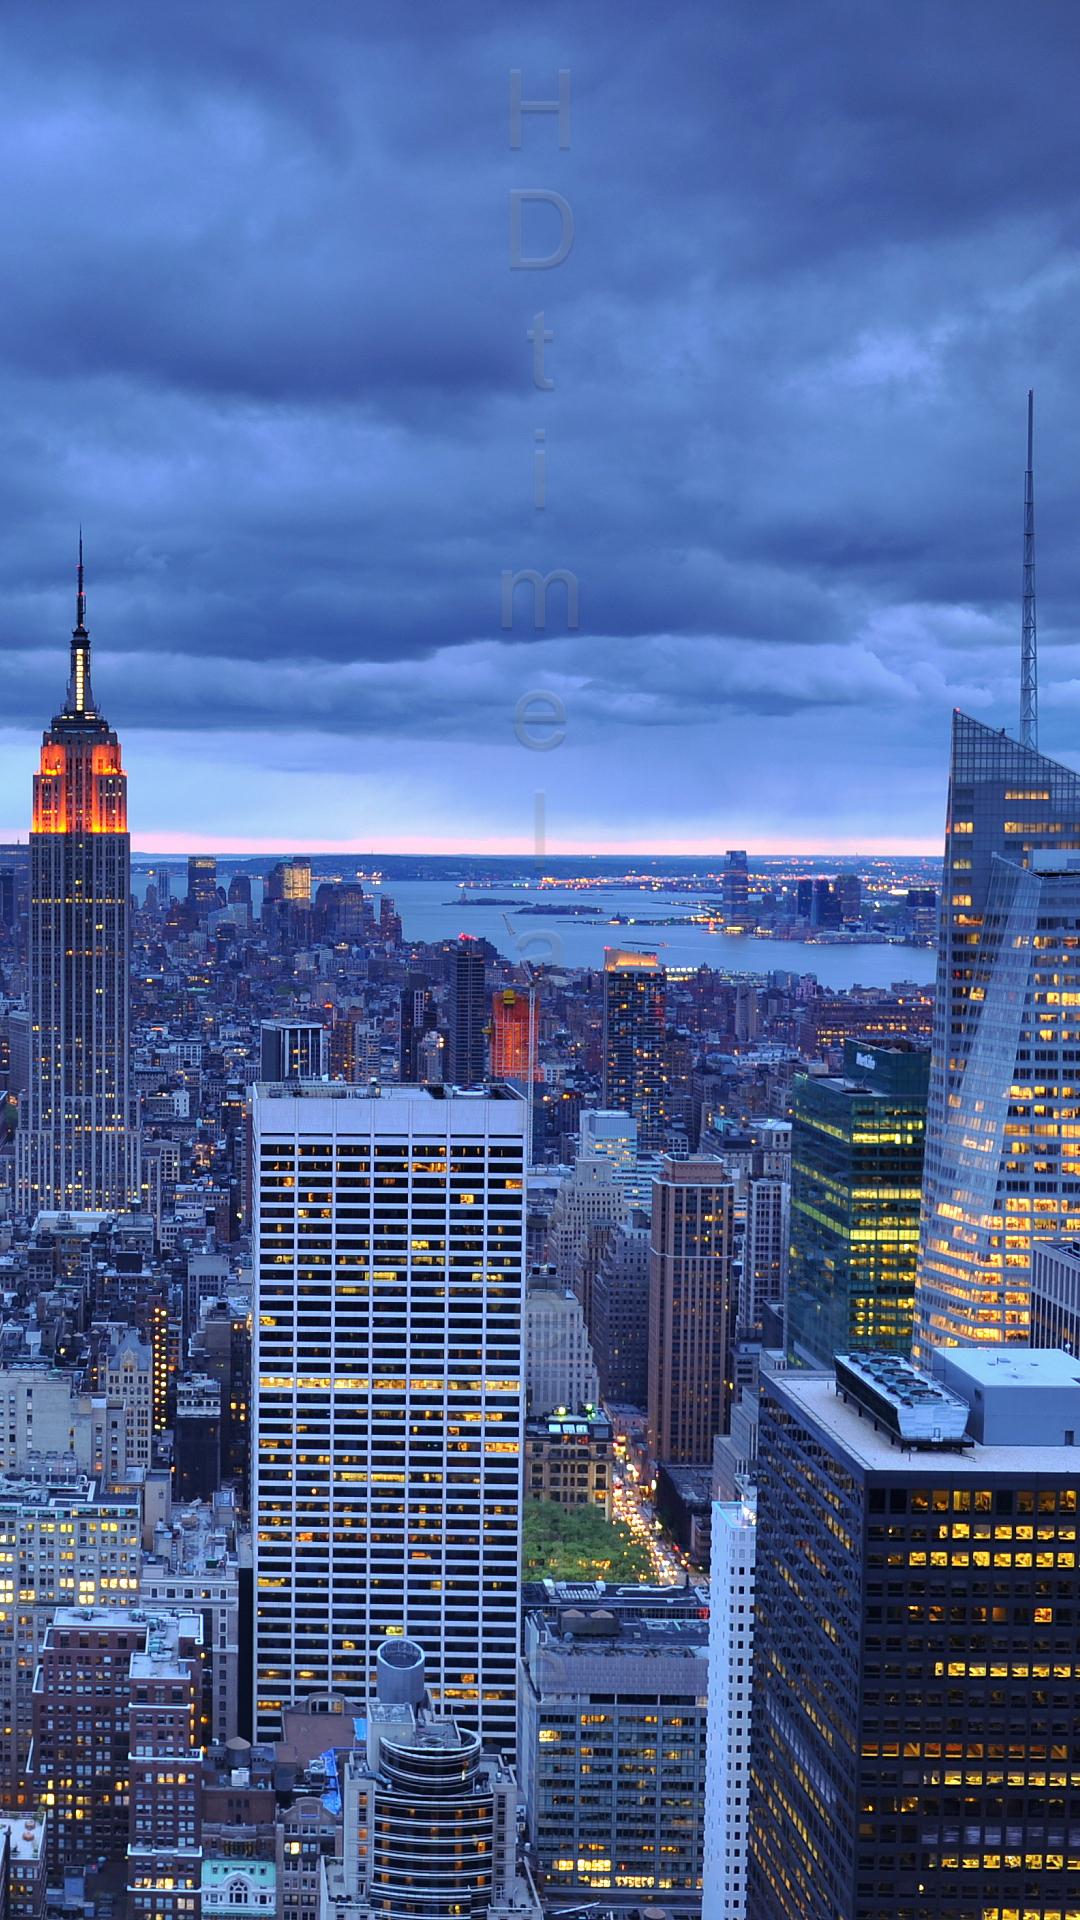 New York City 4k Wallpaper Wallpapersafari Amazing Wallpaper